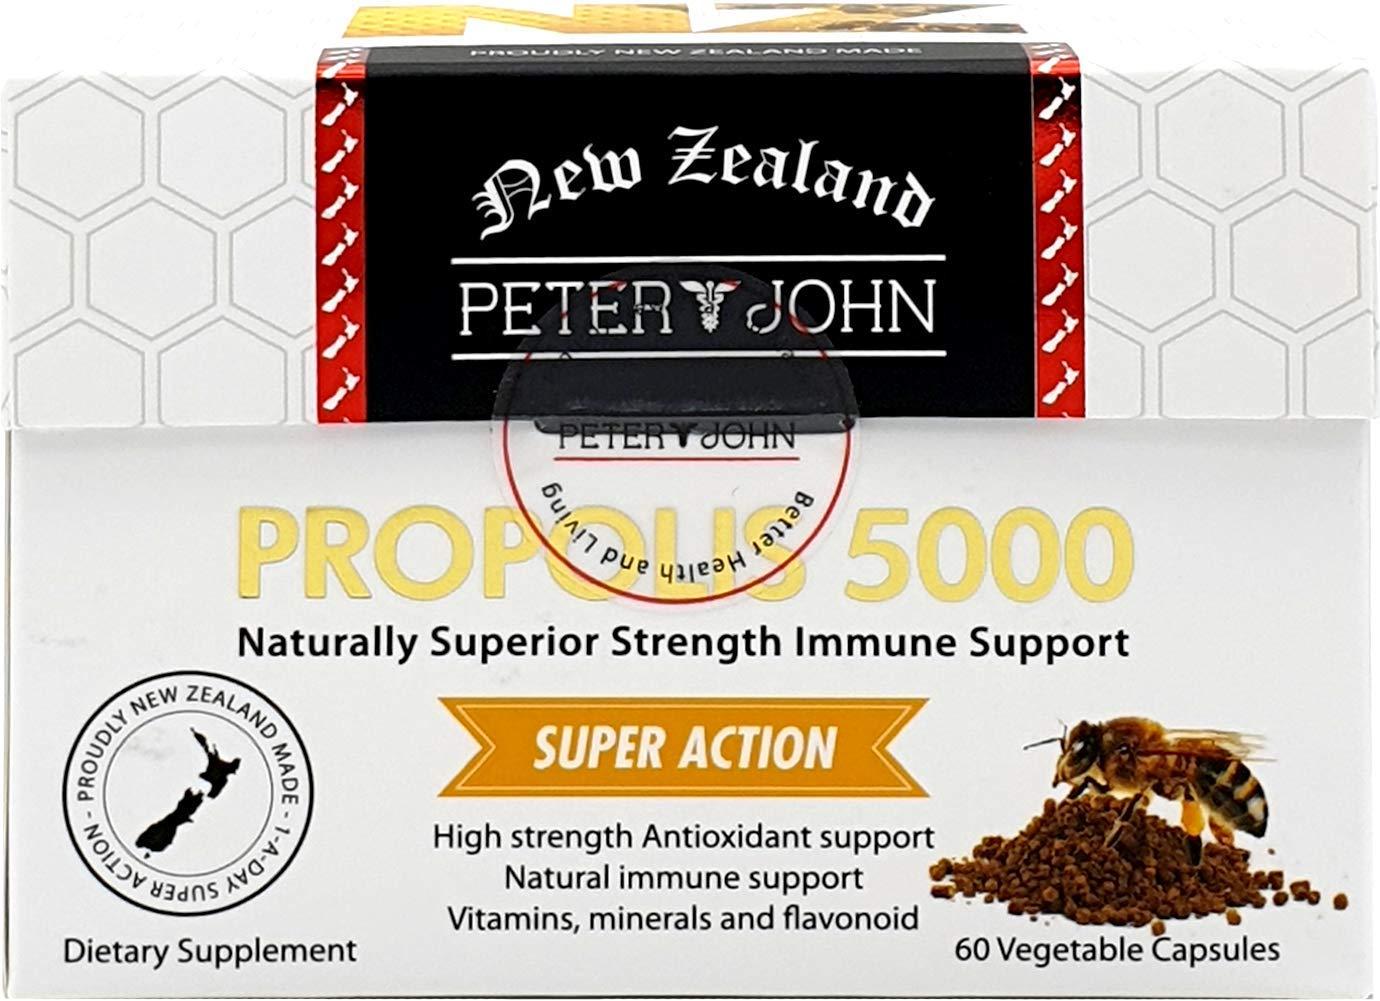 Peter&John Propolis 5000 Flavonoids 70mg Capsule Strength Immune Support (60c / 1 Pack)